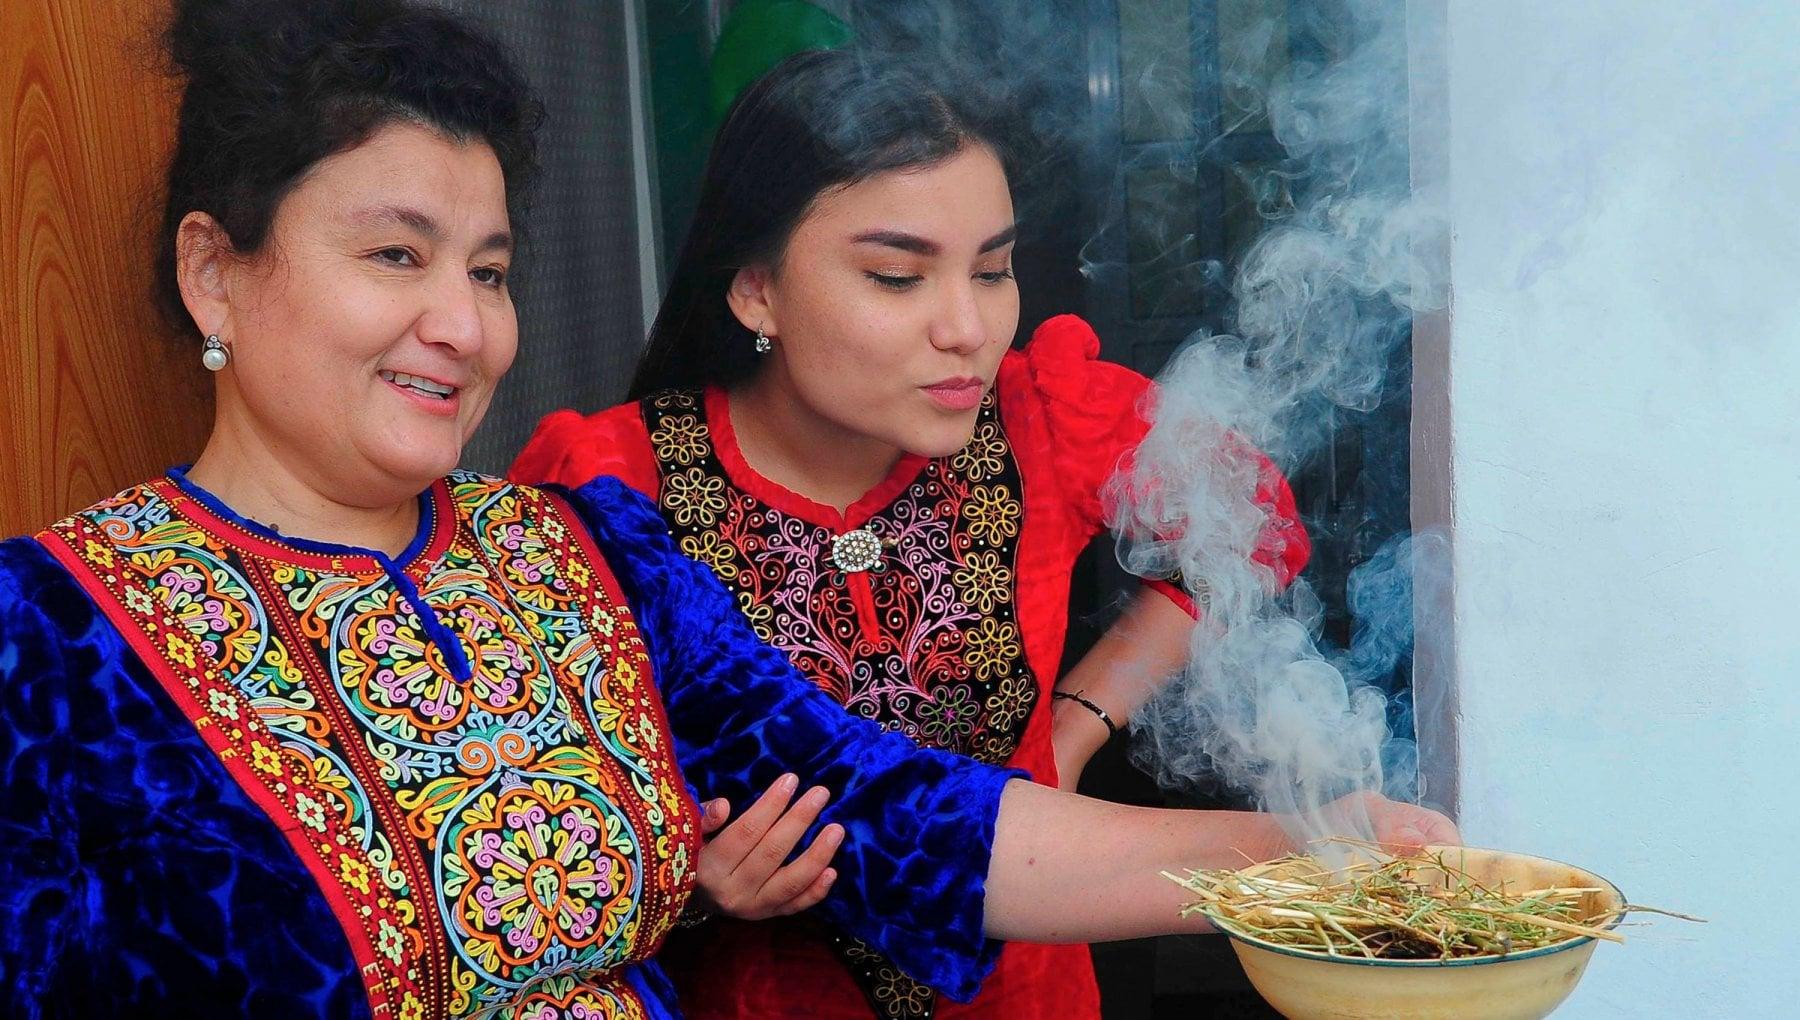 La cura per il Covid secondo il presidente del Turkmenistan la liquirizia